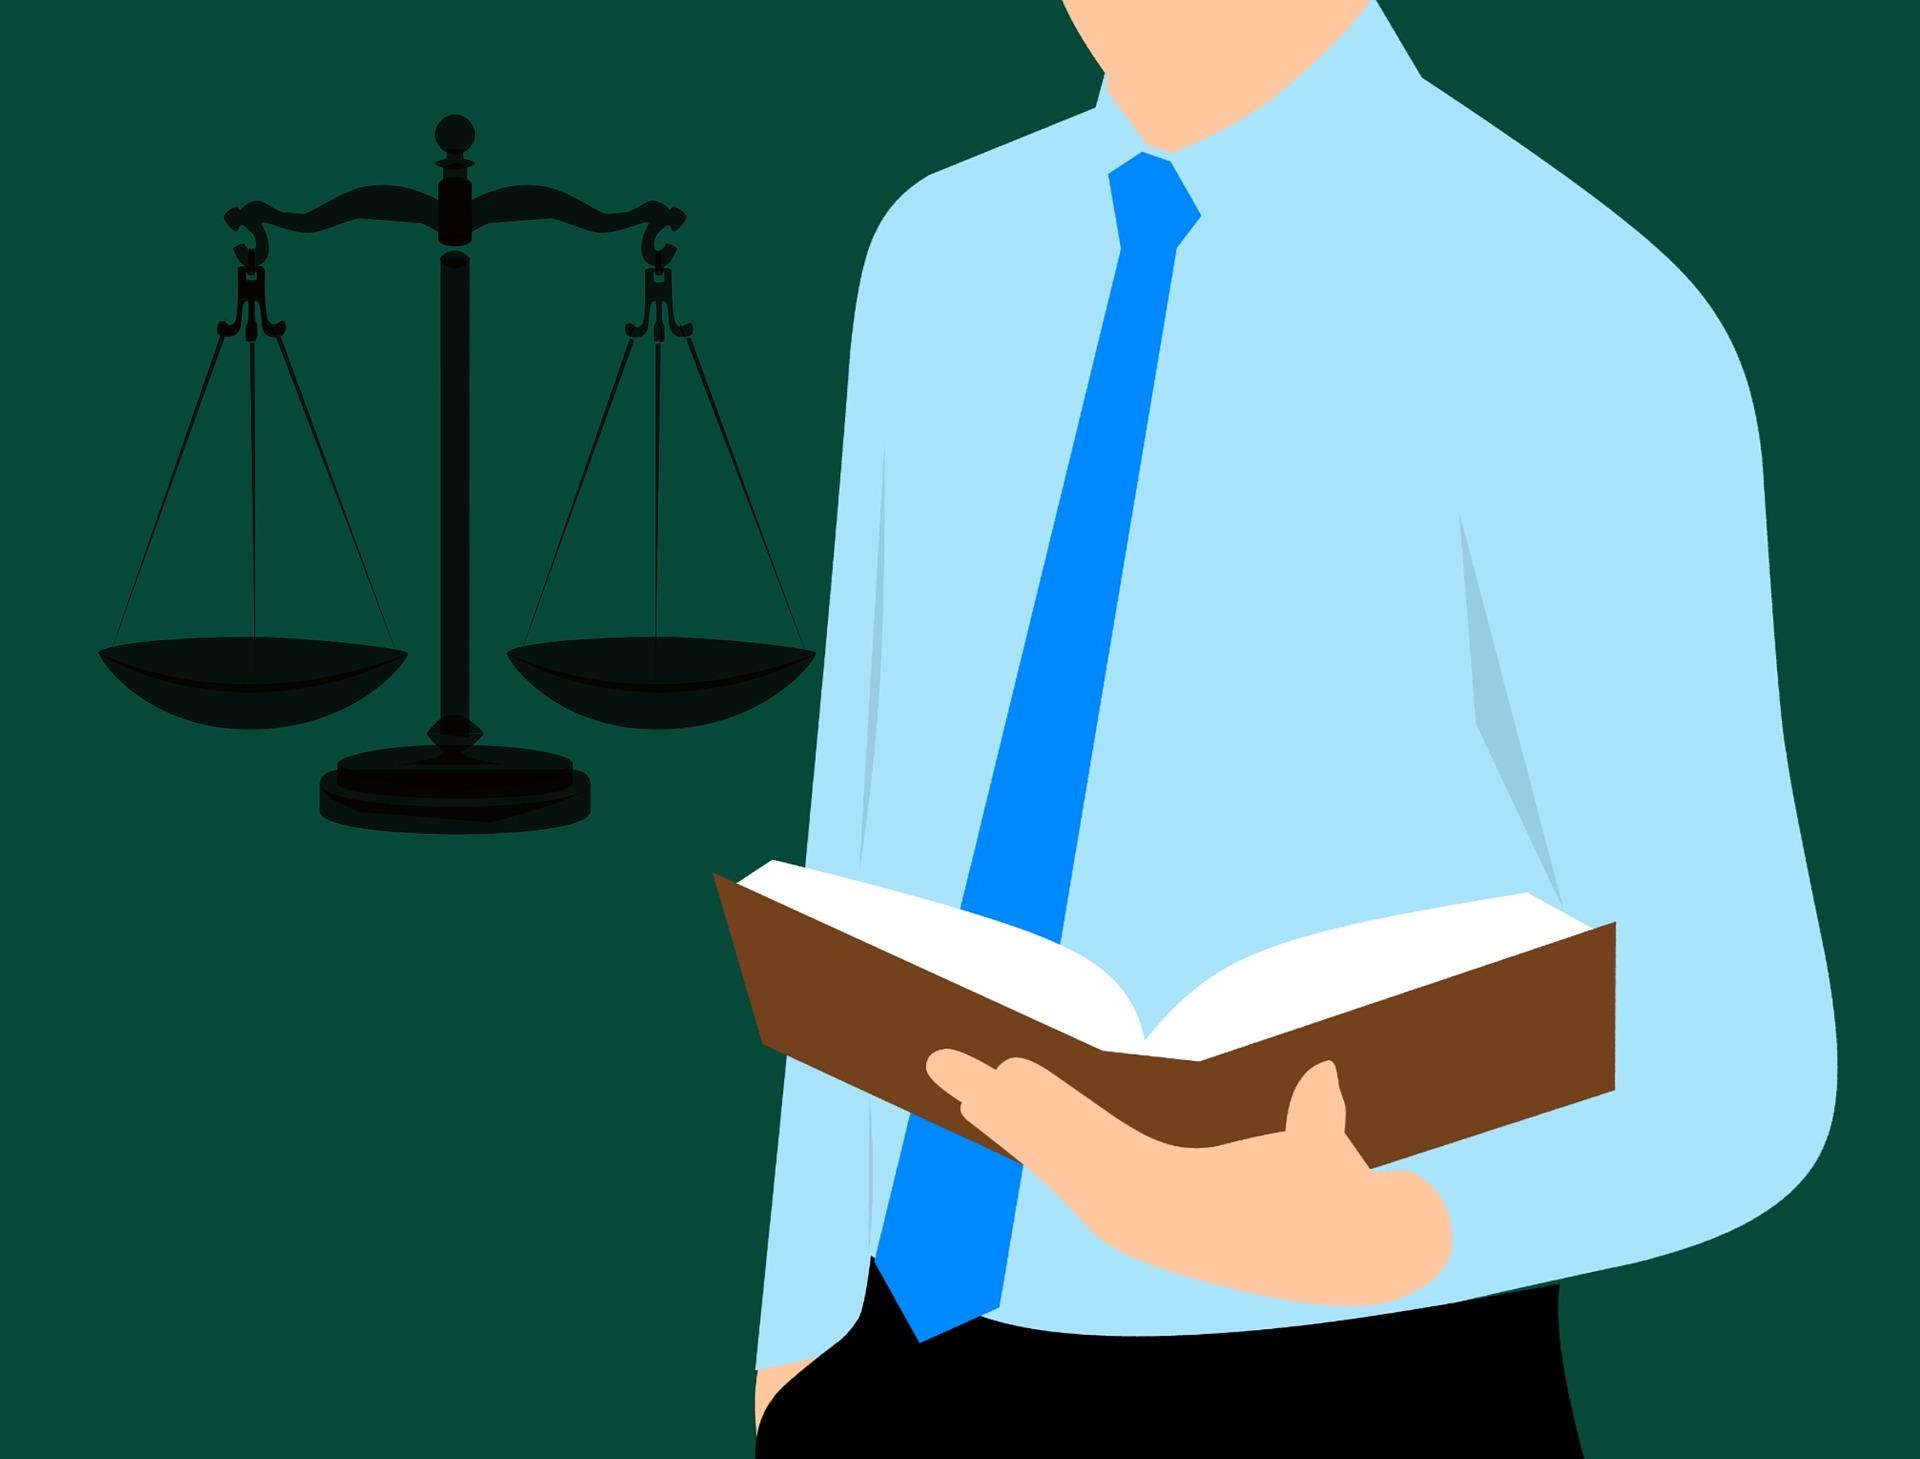 בחירת עורך דין: המדריך המלא